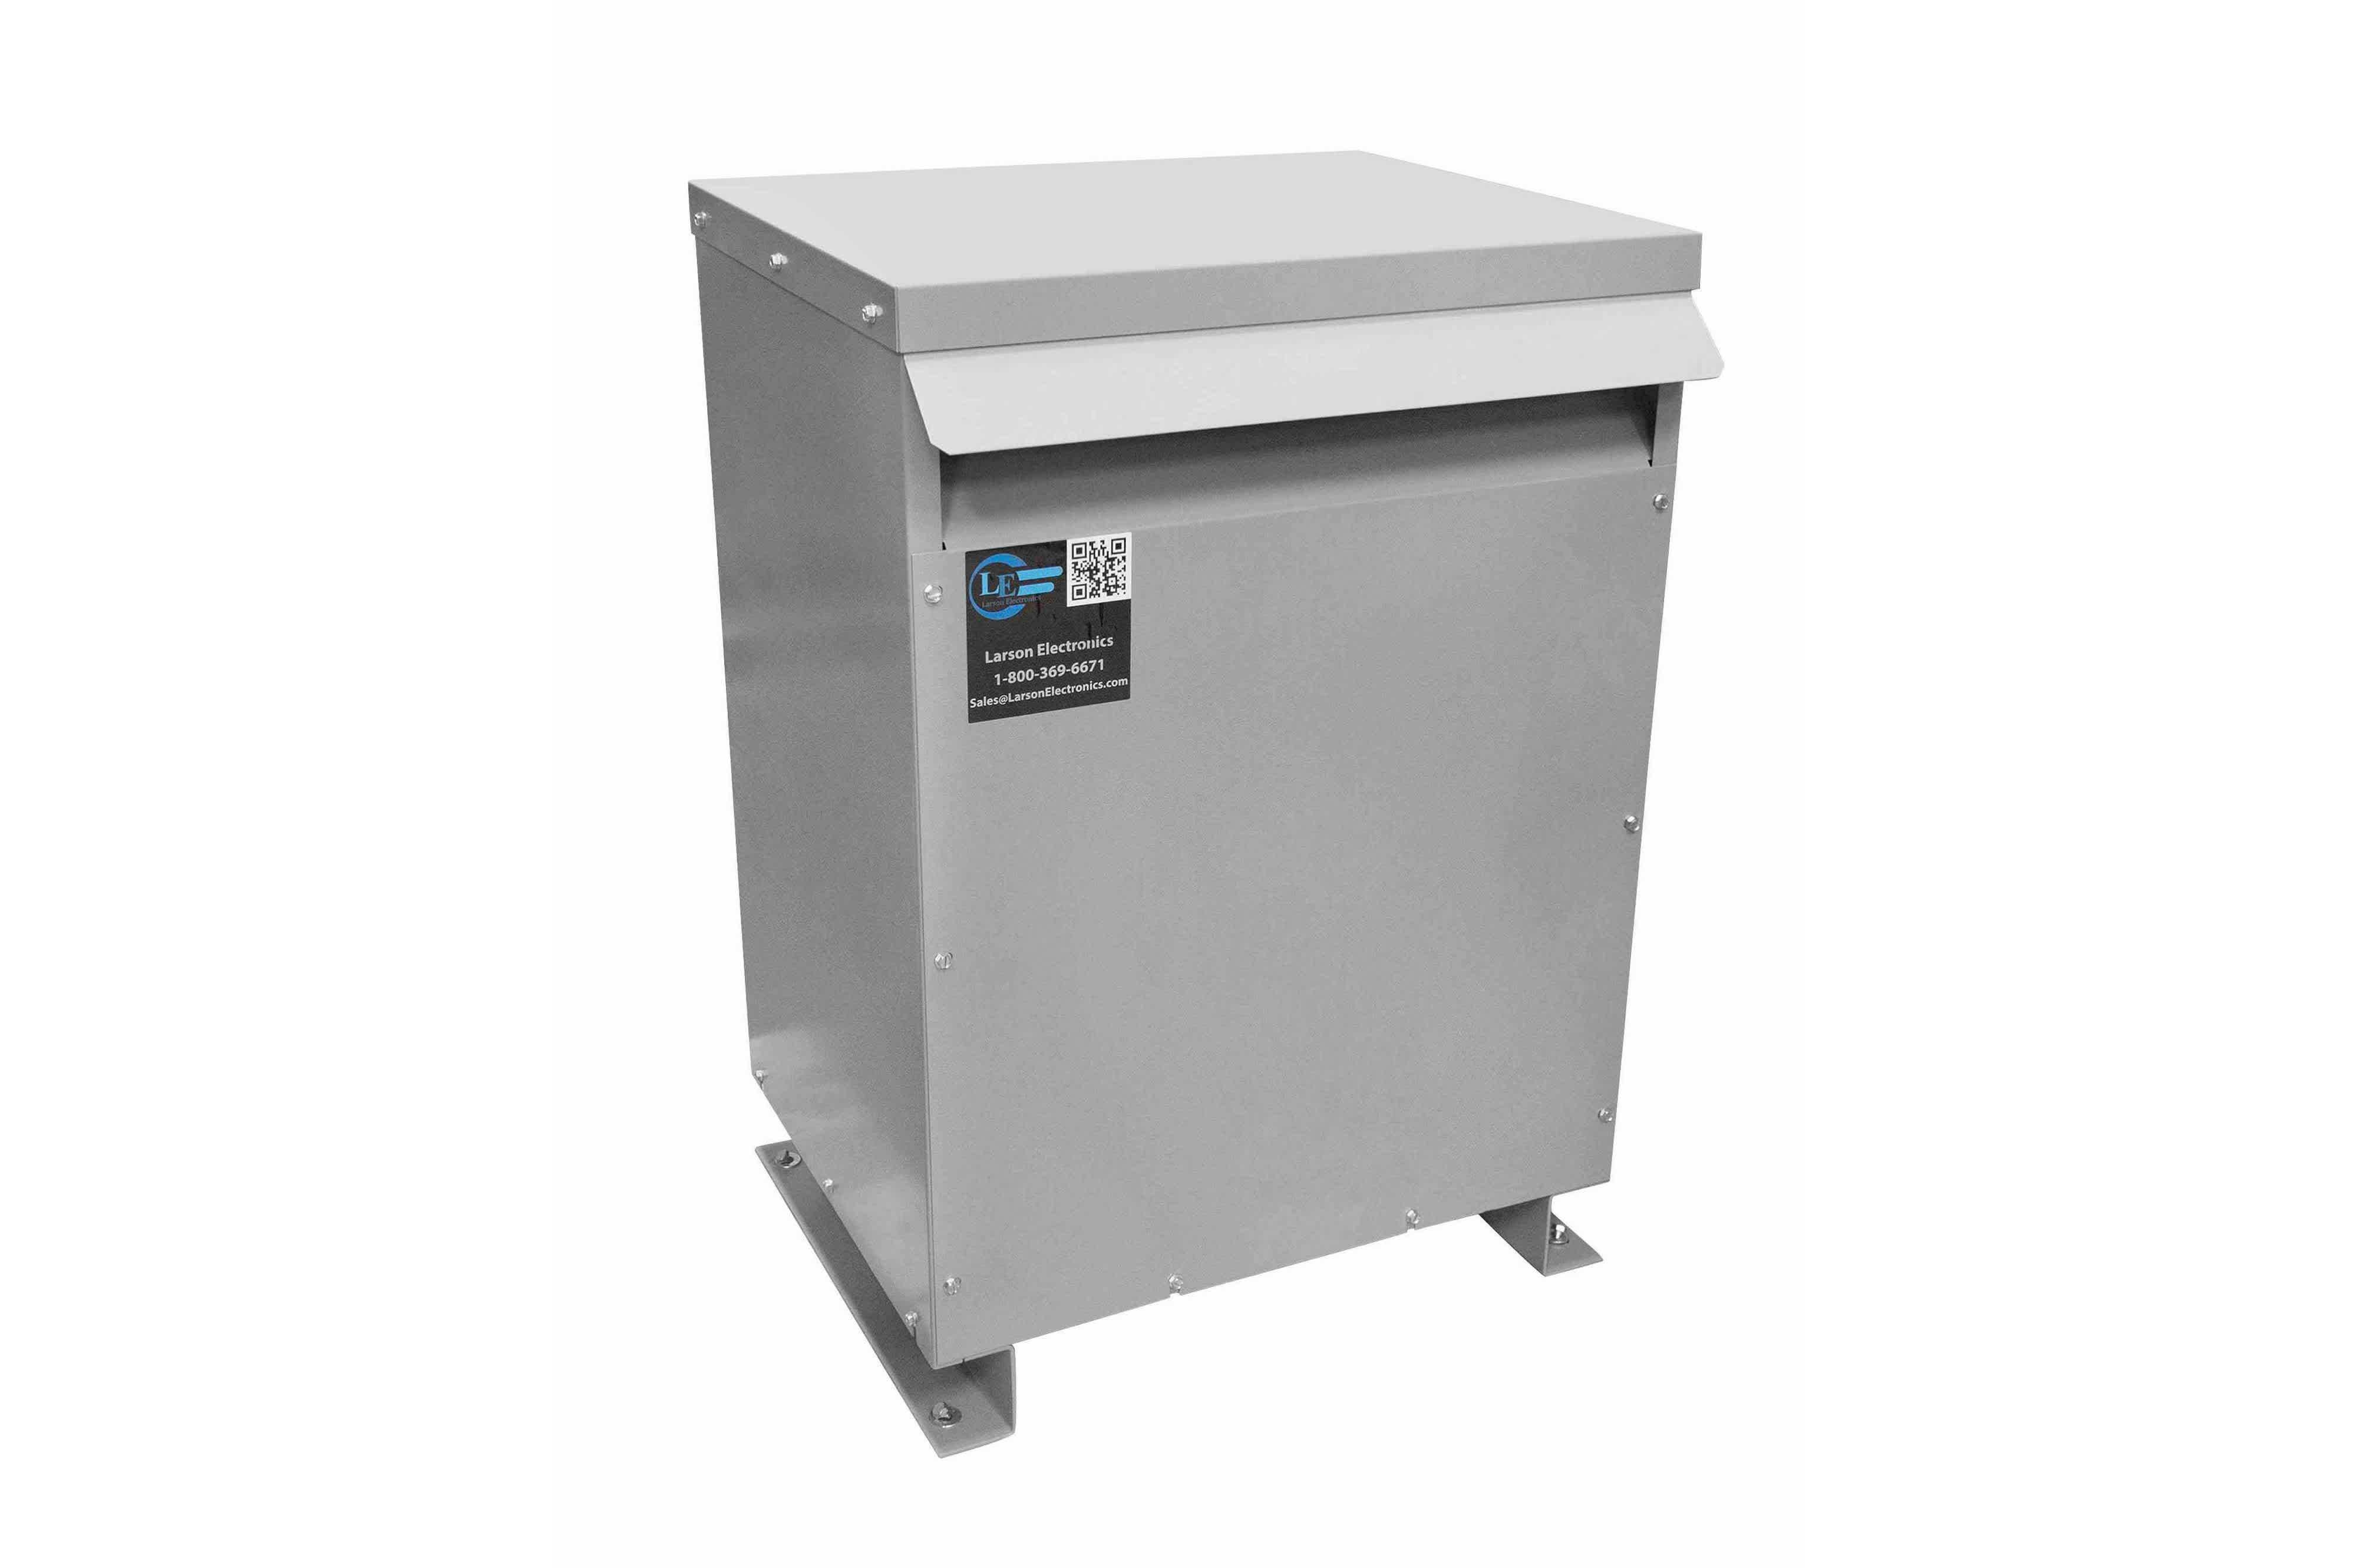 125 kVA 3PH Isolation Transformer, 400V Delta Primary, 480V Delta Secondary, N3R, Ventilated, 60 Hz